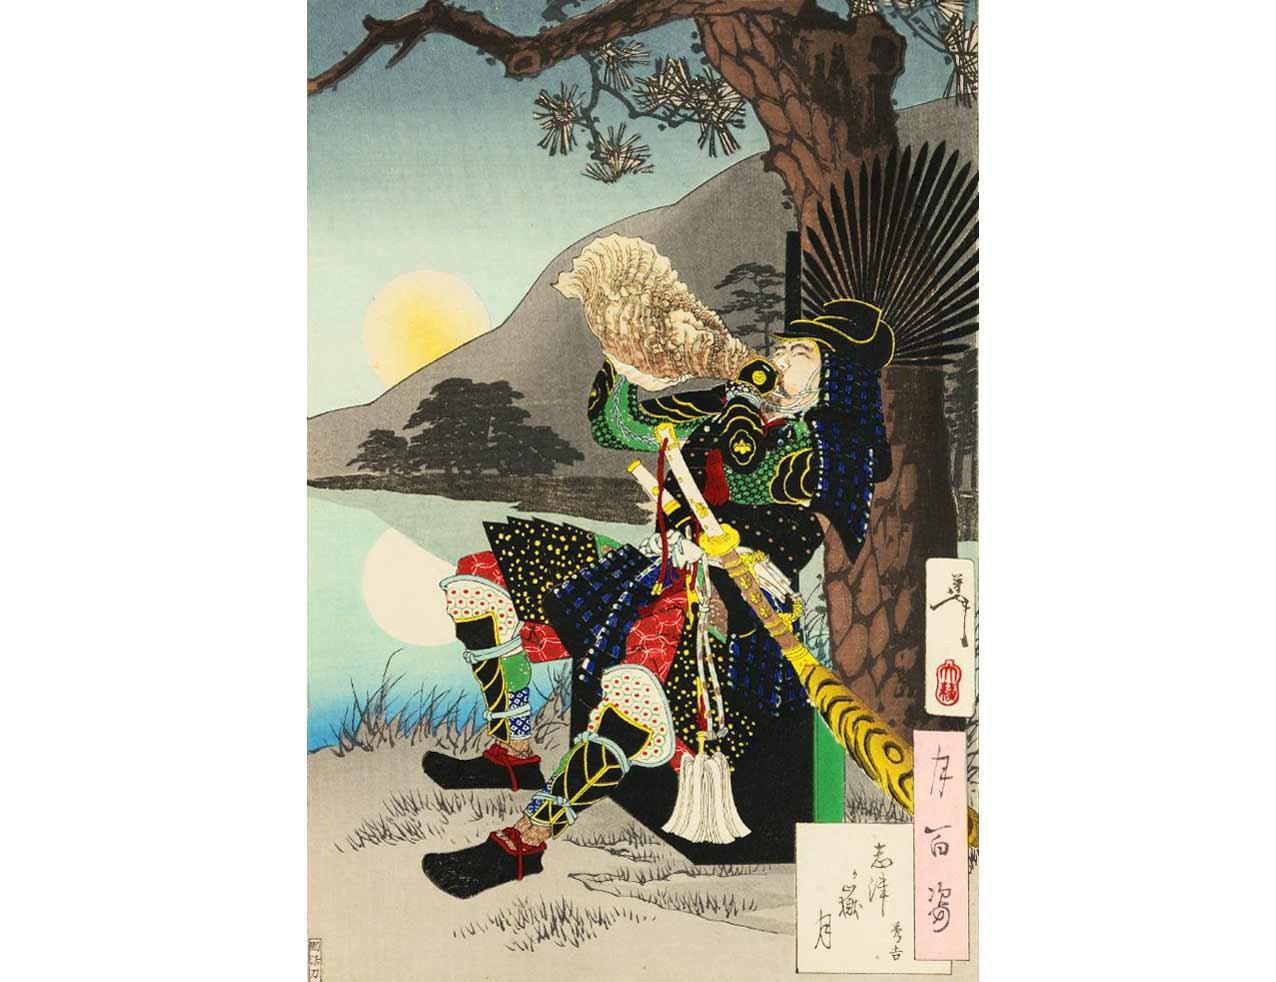 The Moon at Shizugatake, Woodblock Print by Tsukioka Yoshitoshi, 1888 by Tsukioka Yoshitoshi